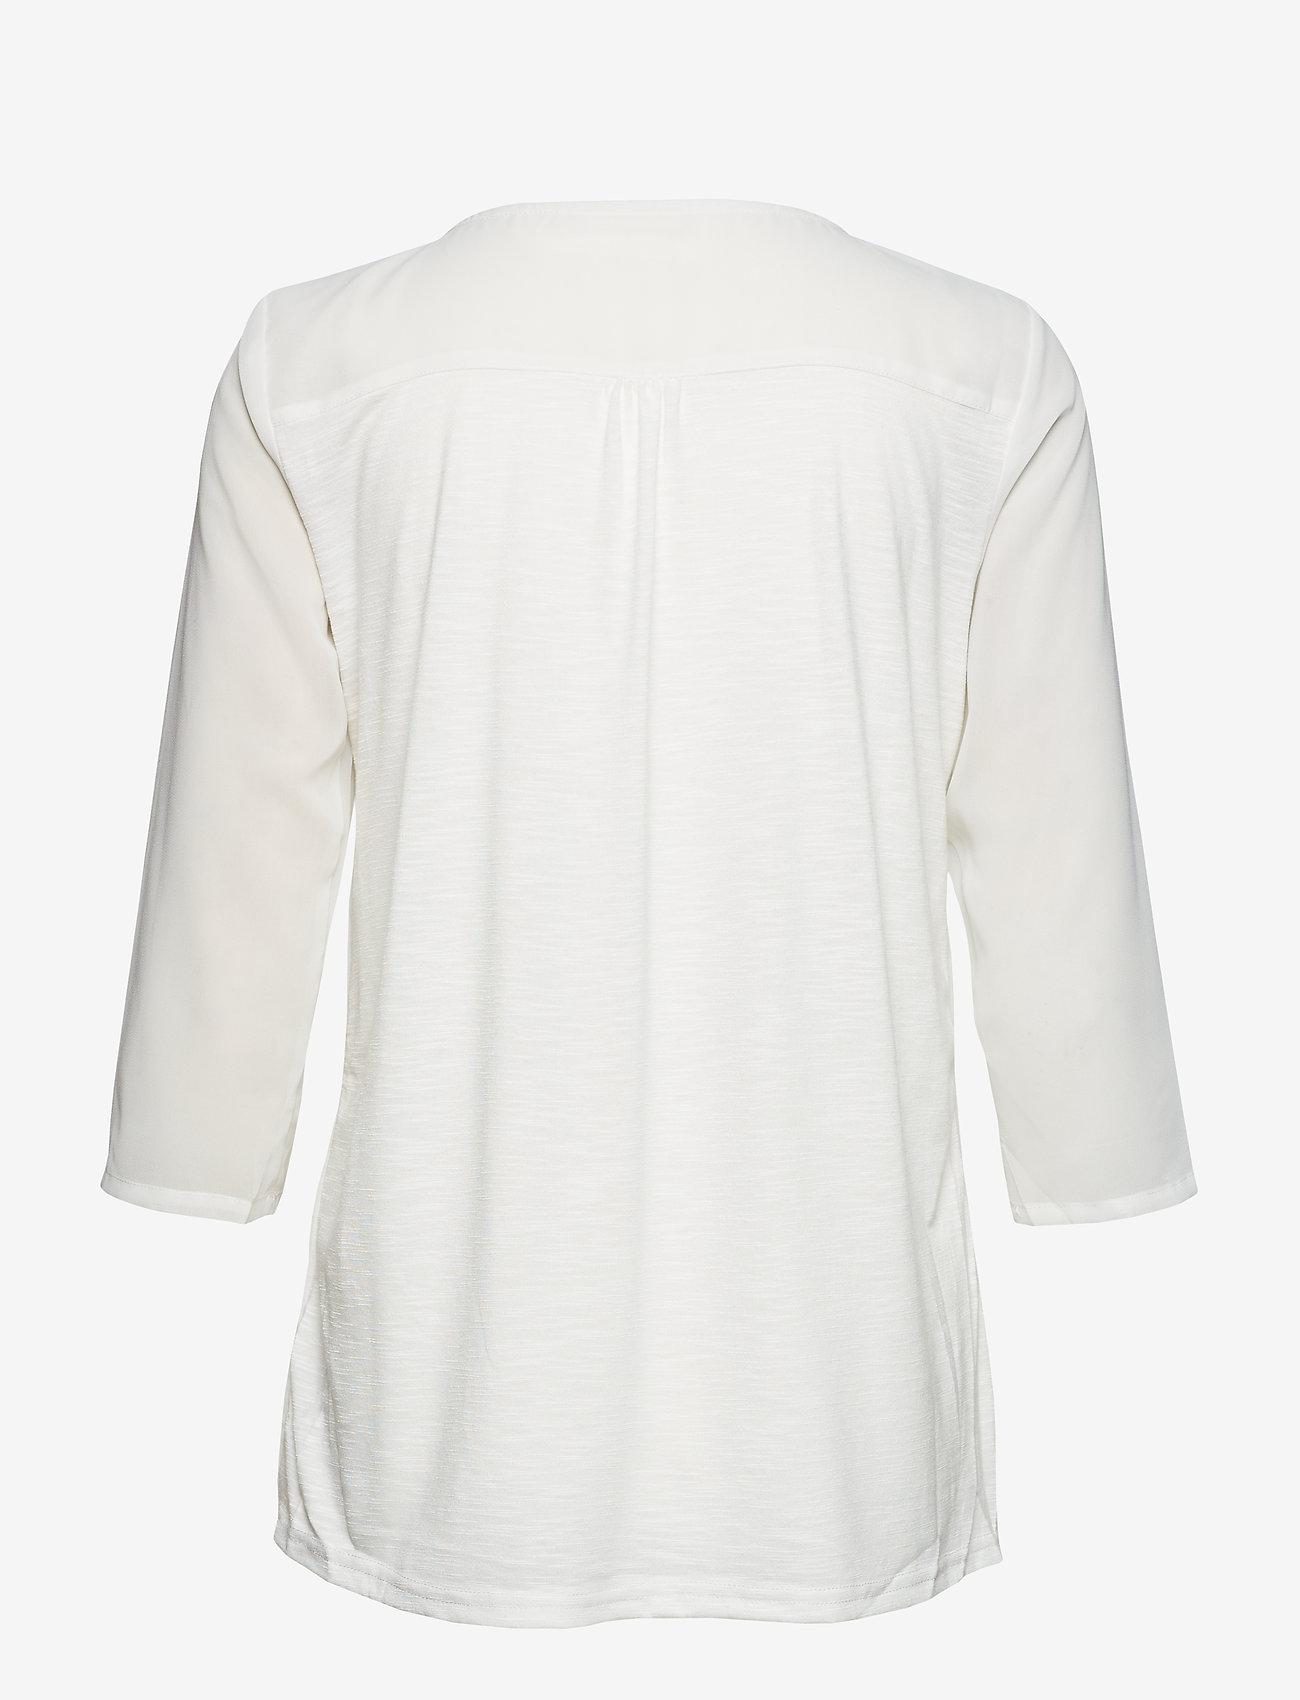 Fransa Zawov 1 Blouse - Bluzki & Koszule ANTIQUE - Kobiety Odzież.